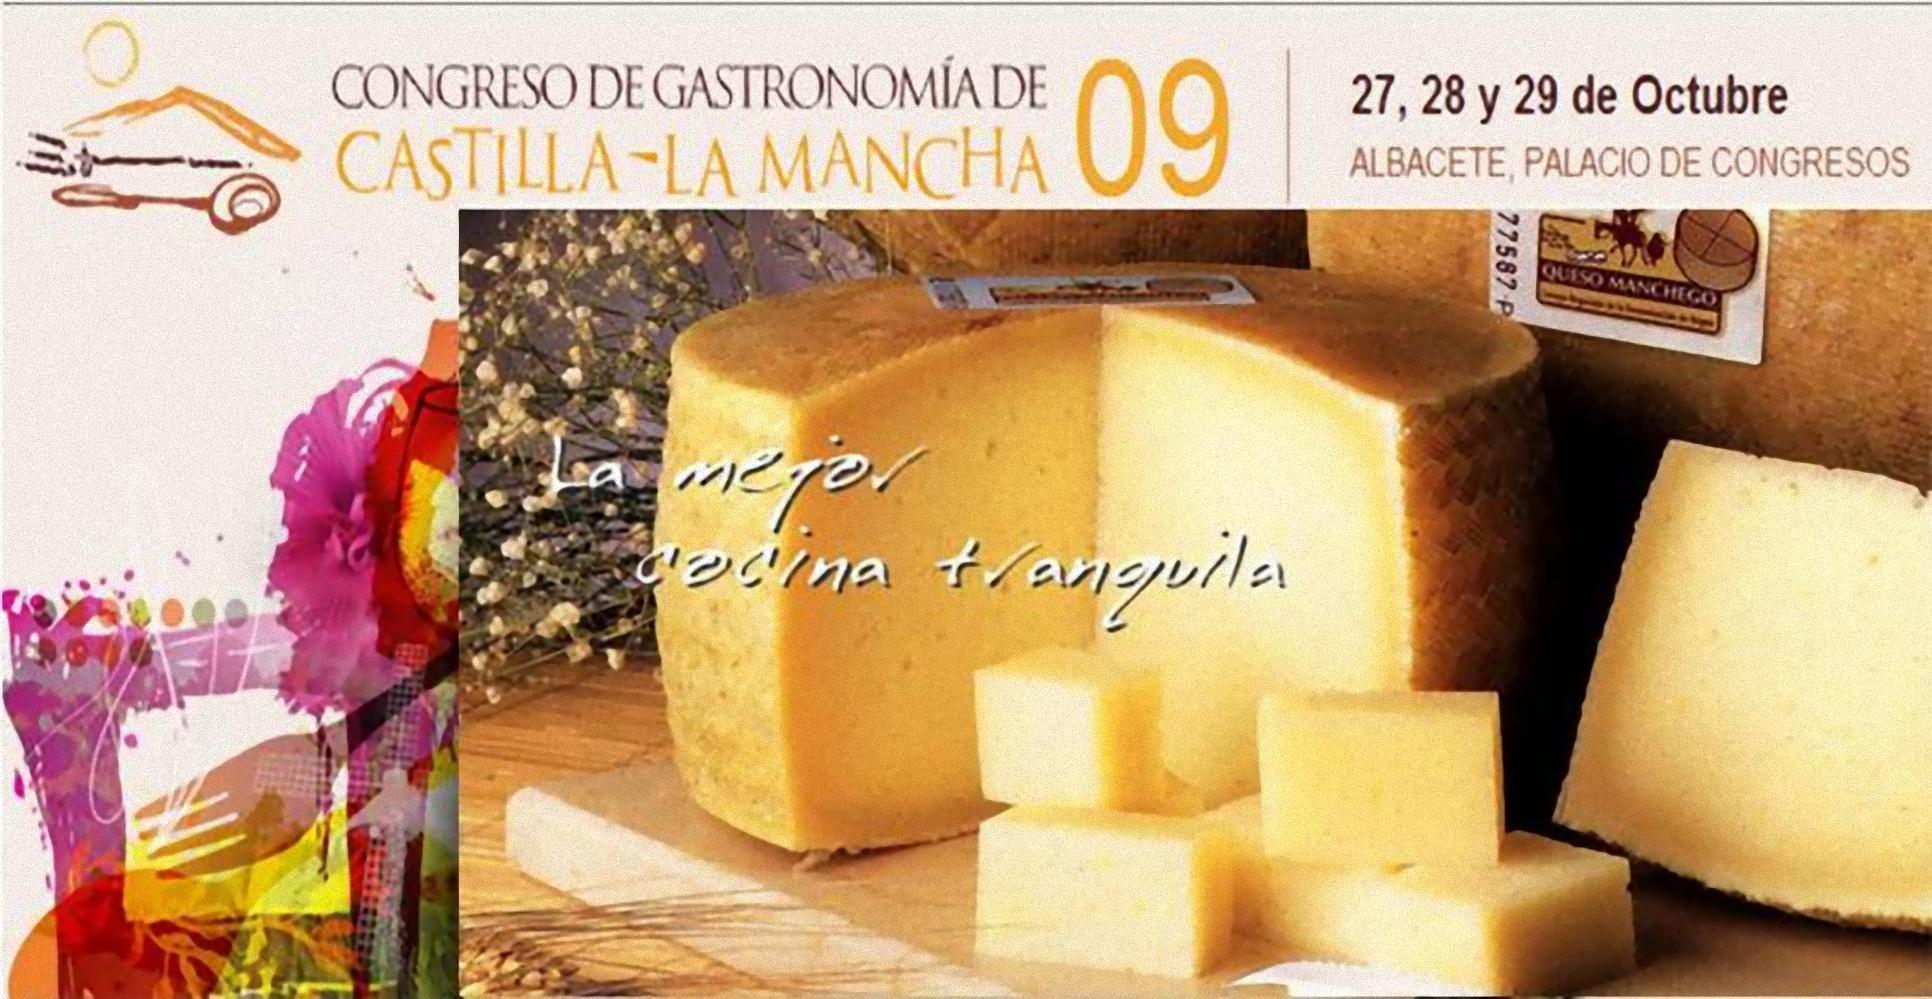 I Congreso de Gastronomía de Castilla-La Mancha (1)